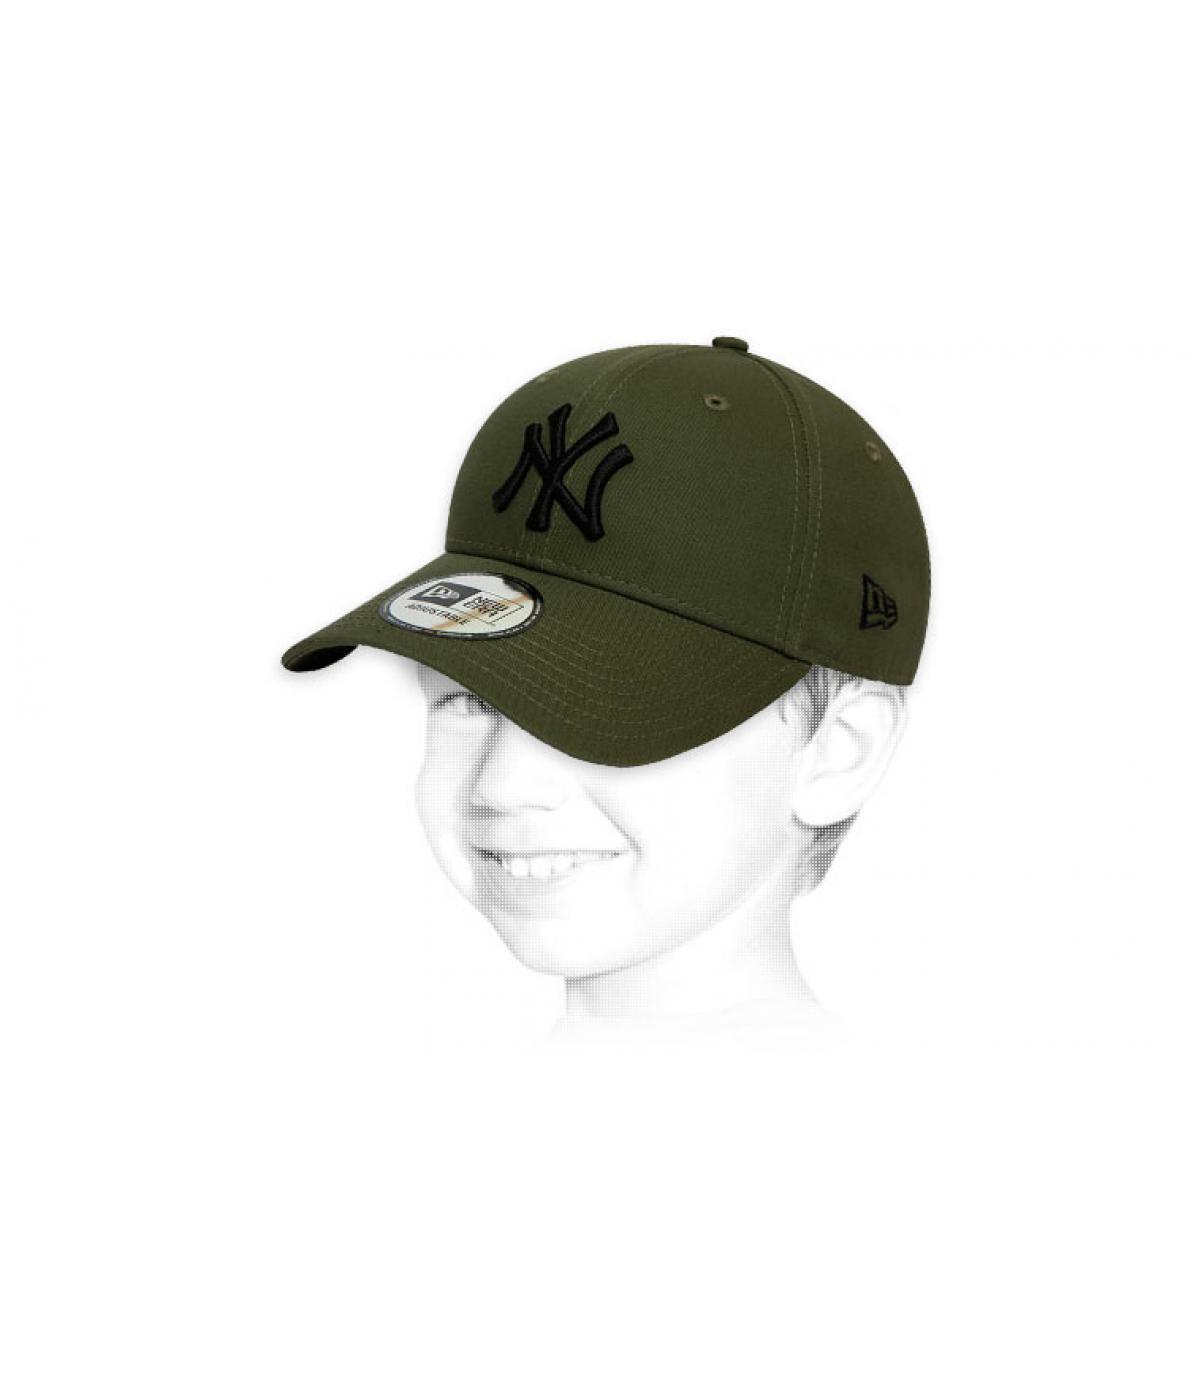 cappellino bambino verde NY